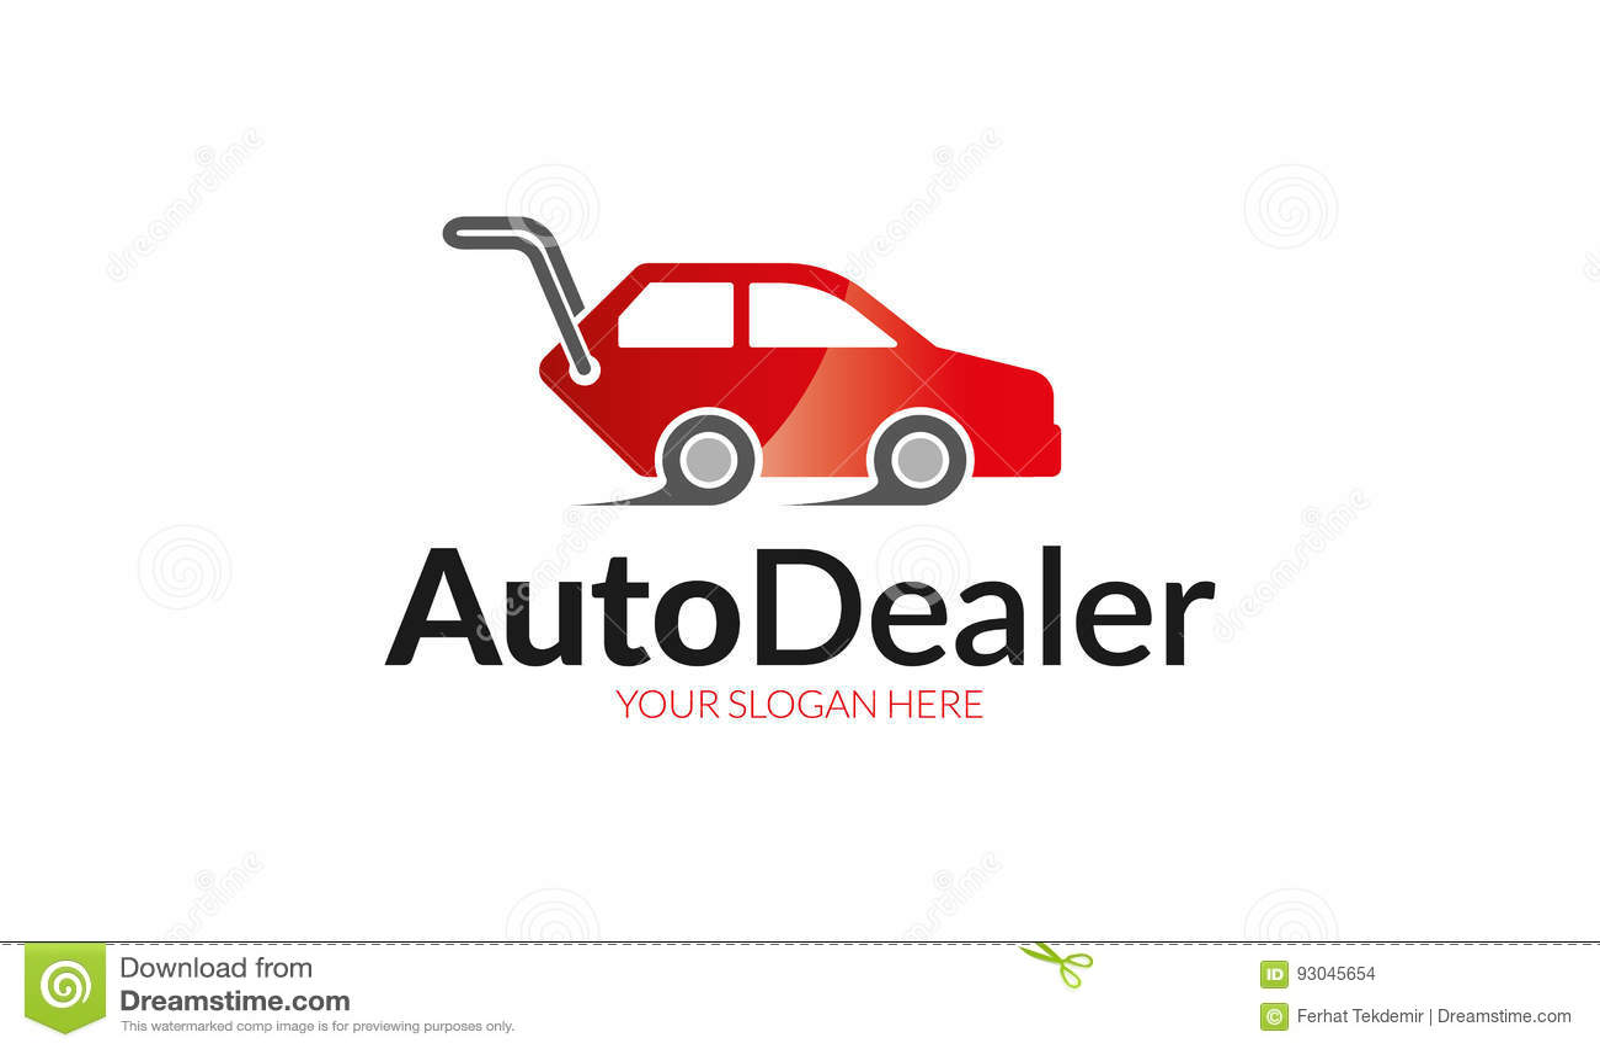 Logotipo Del Concesionario De Automóviles Foto de archivo - Imagen ...